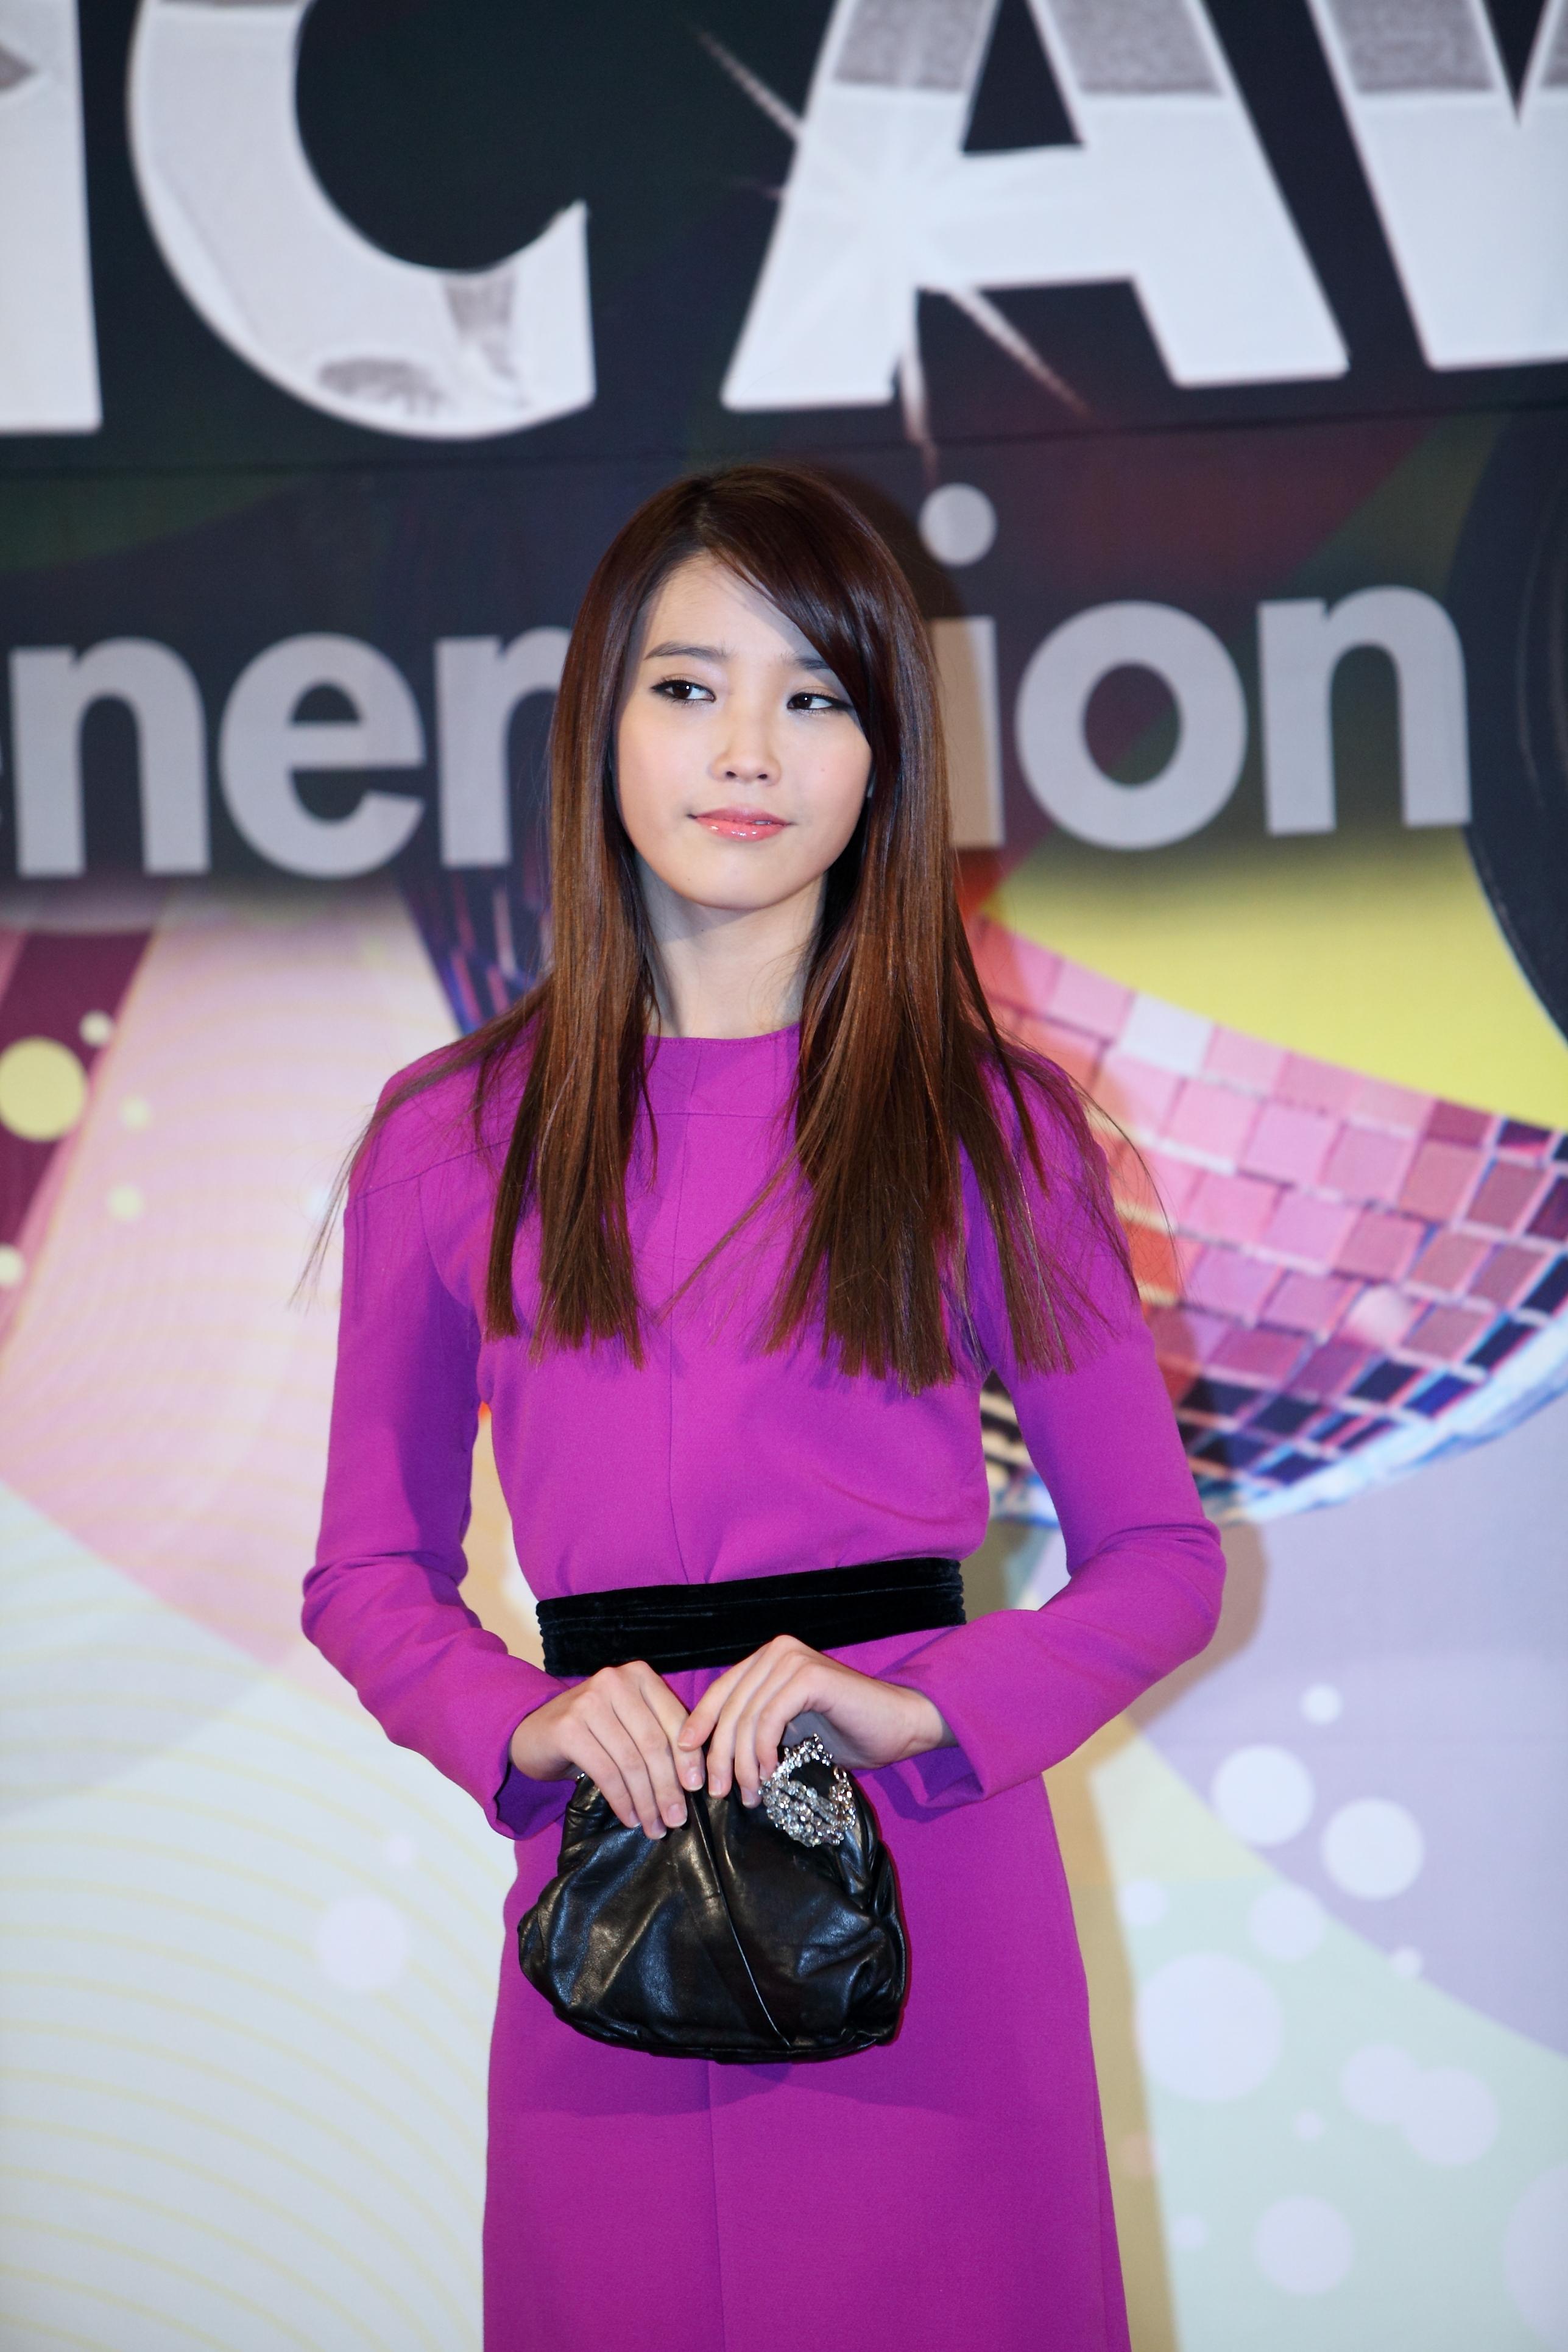 mein Mädchen koreanische Drama Wiki